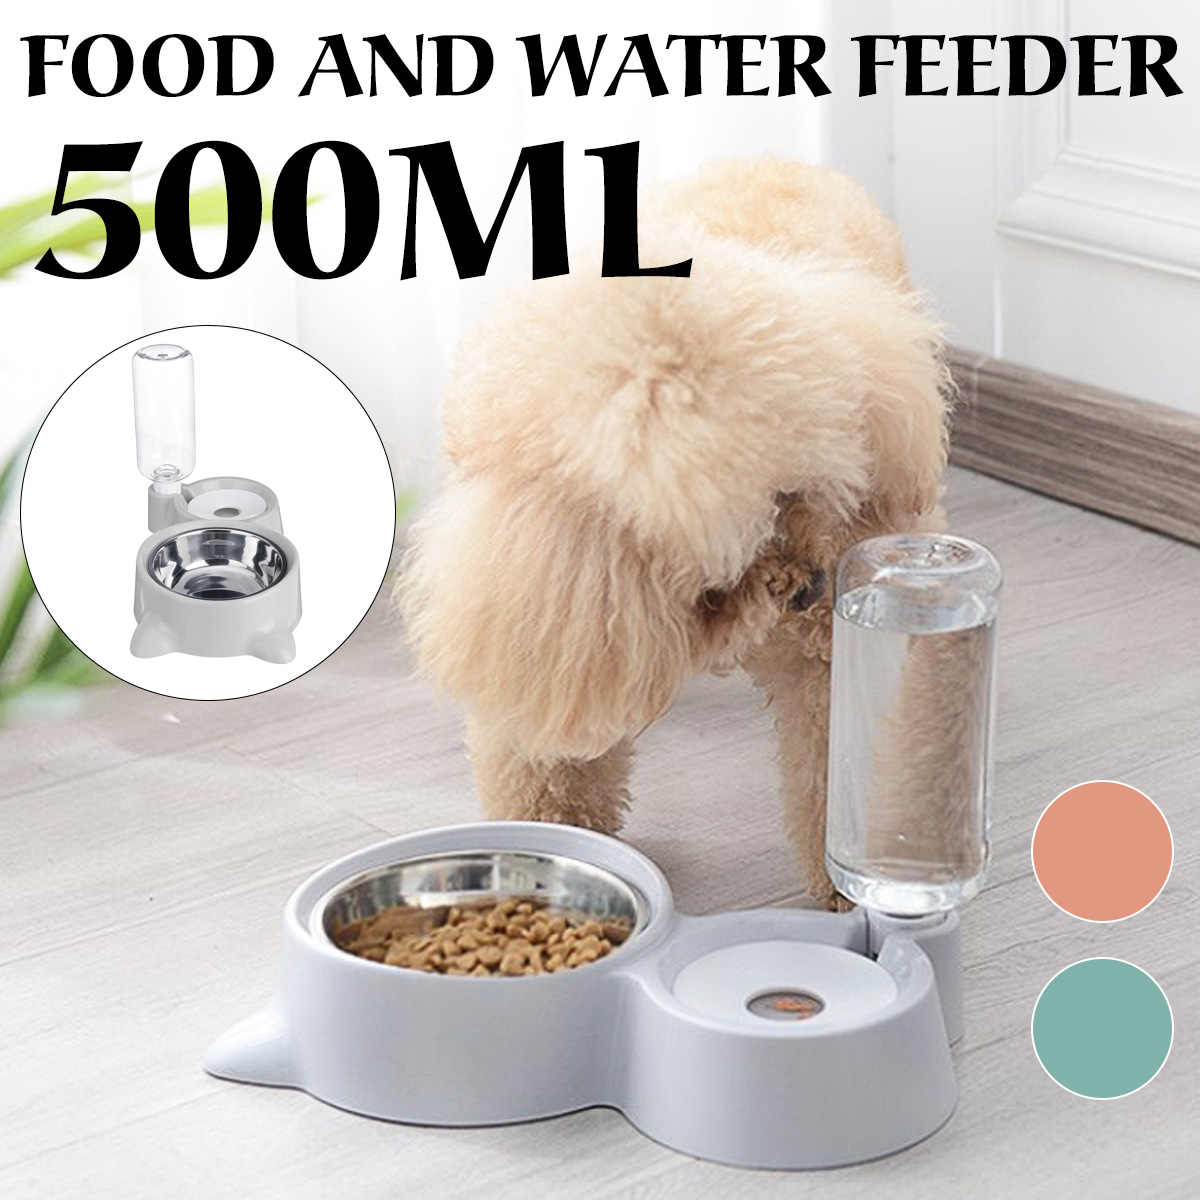 자동 애완 동물 식품 공급기 고양이 개를위한 식수 분수 500 ml 대용량 애완 동물 물 술꾼 고양이 개 먹이 그릇